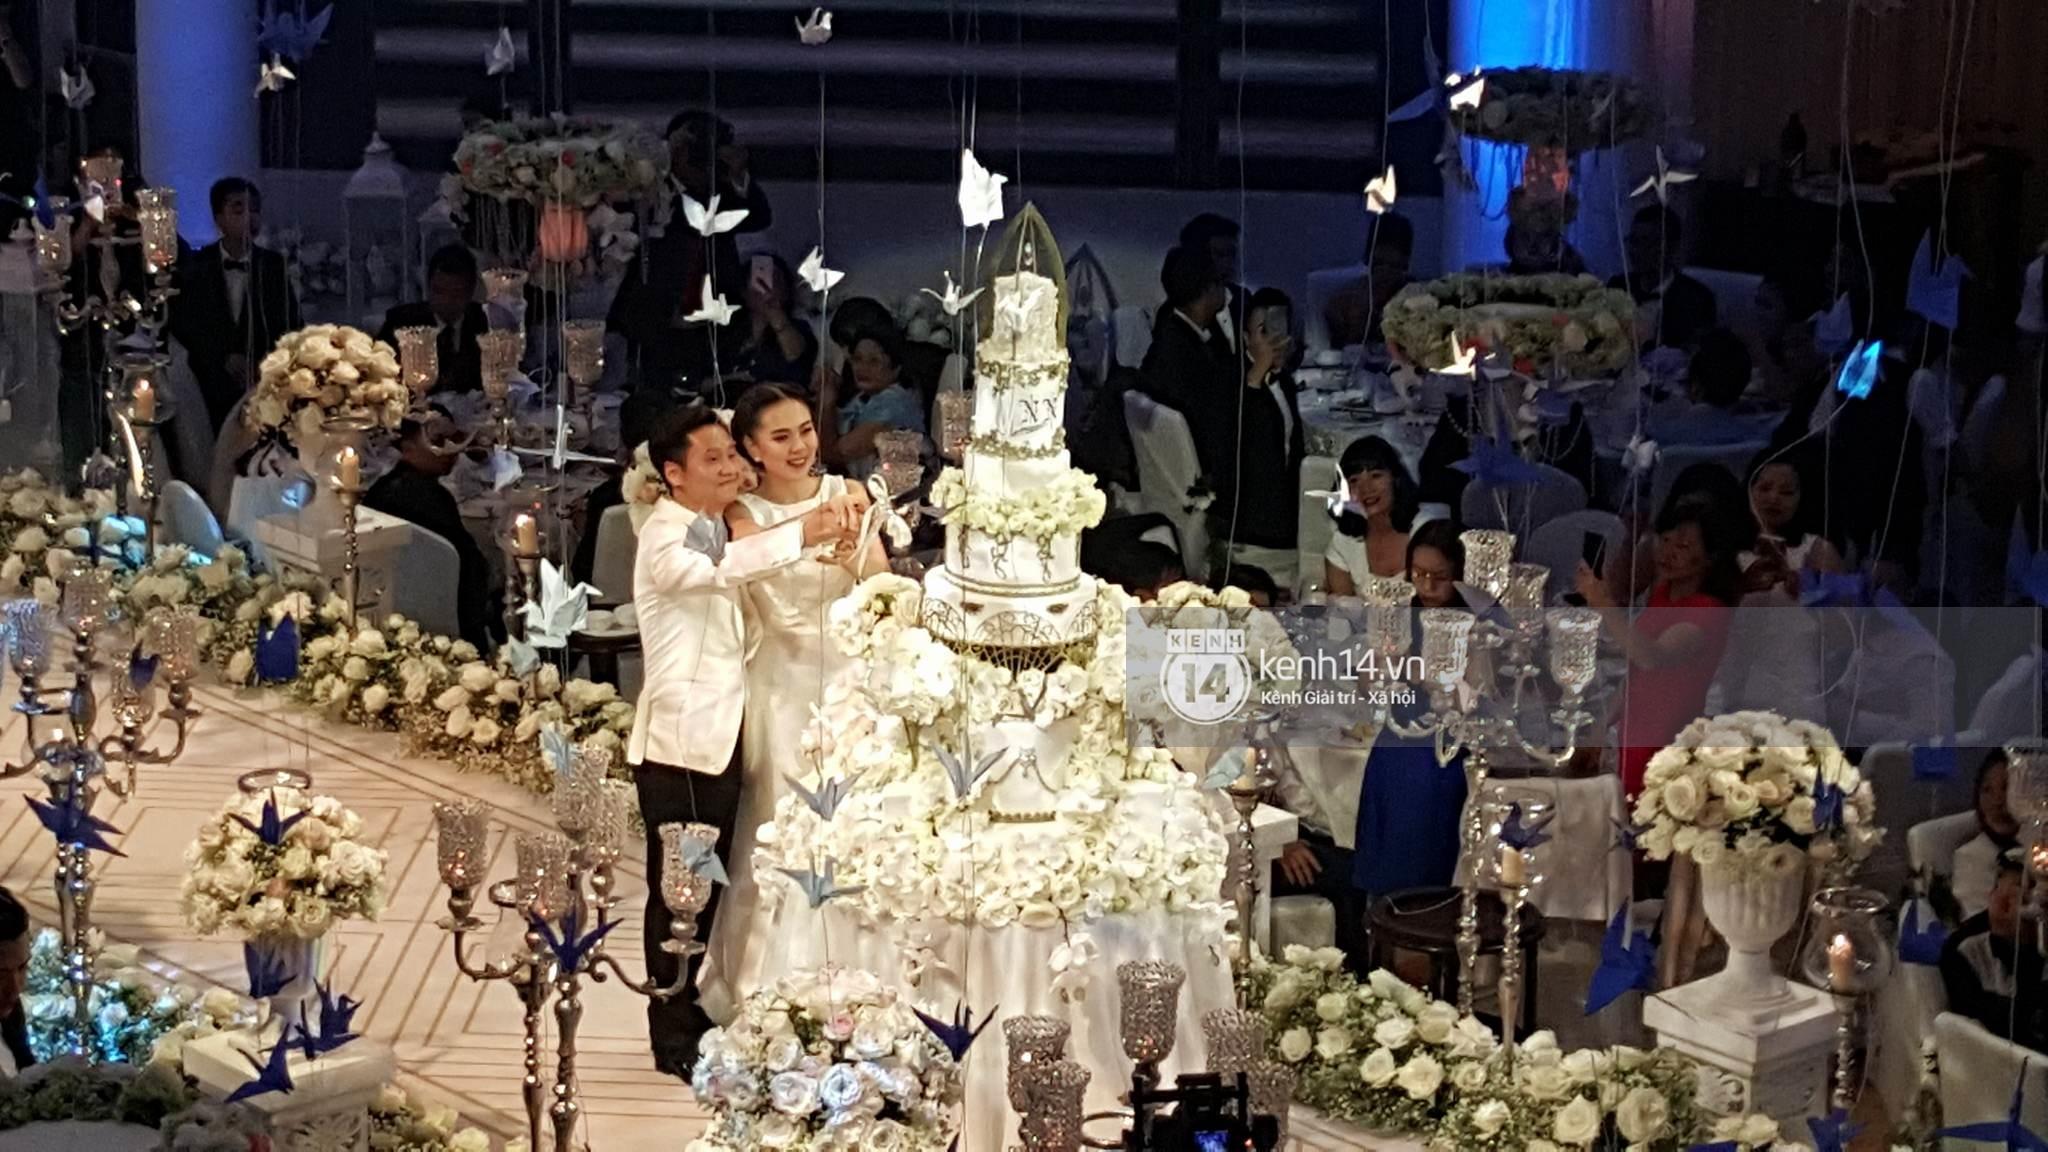 Đám cưới MC Mai Ngọc: Không gian lộng lẫy, cầu kỳ, xứng đáng là đám cưới sang chảnh nhất Hà Nội hôm nay - Ảnh 26.